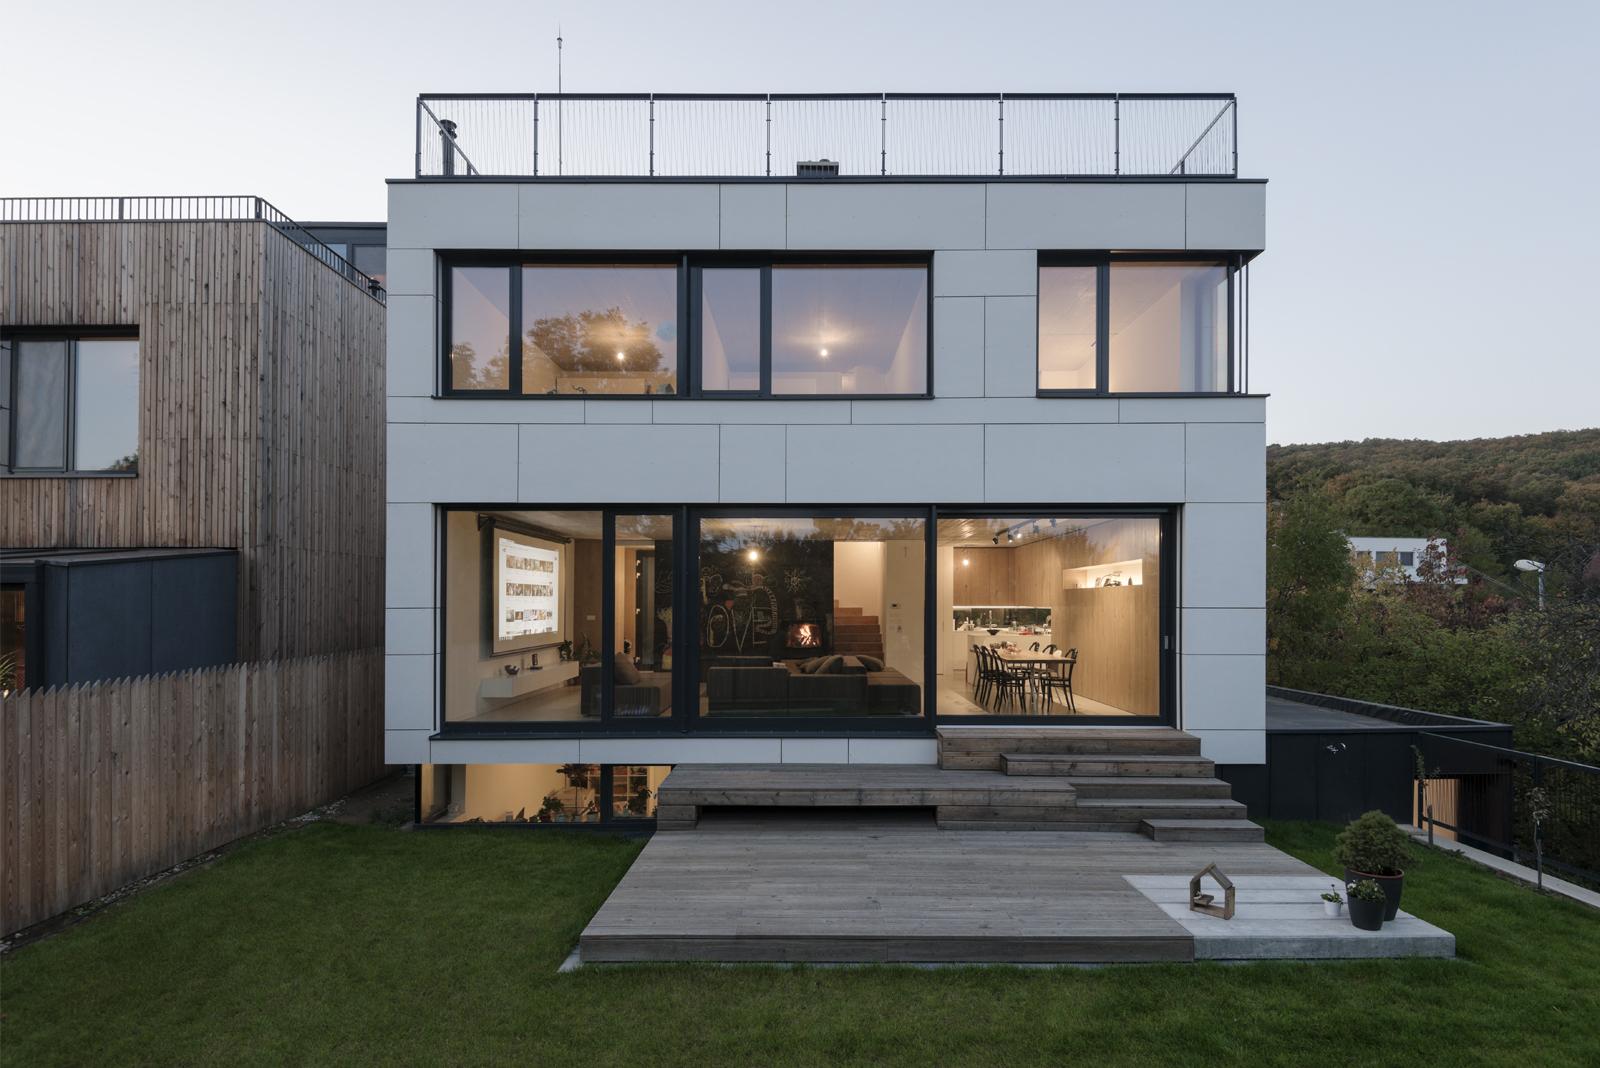 Casa privata_bratislava